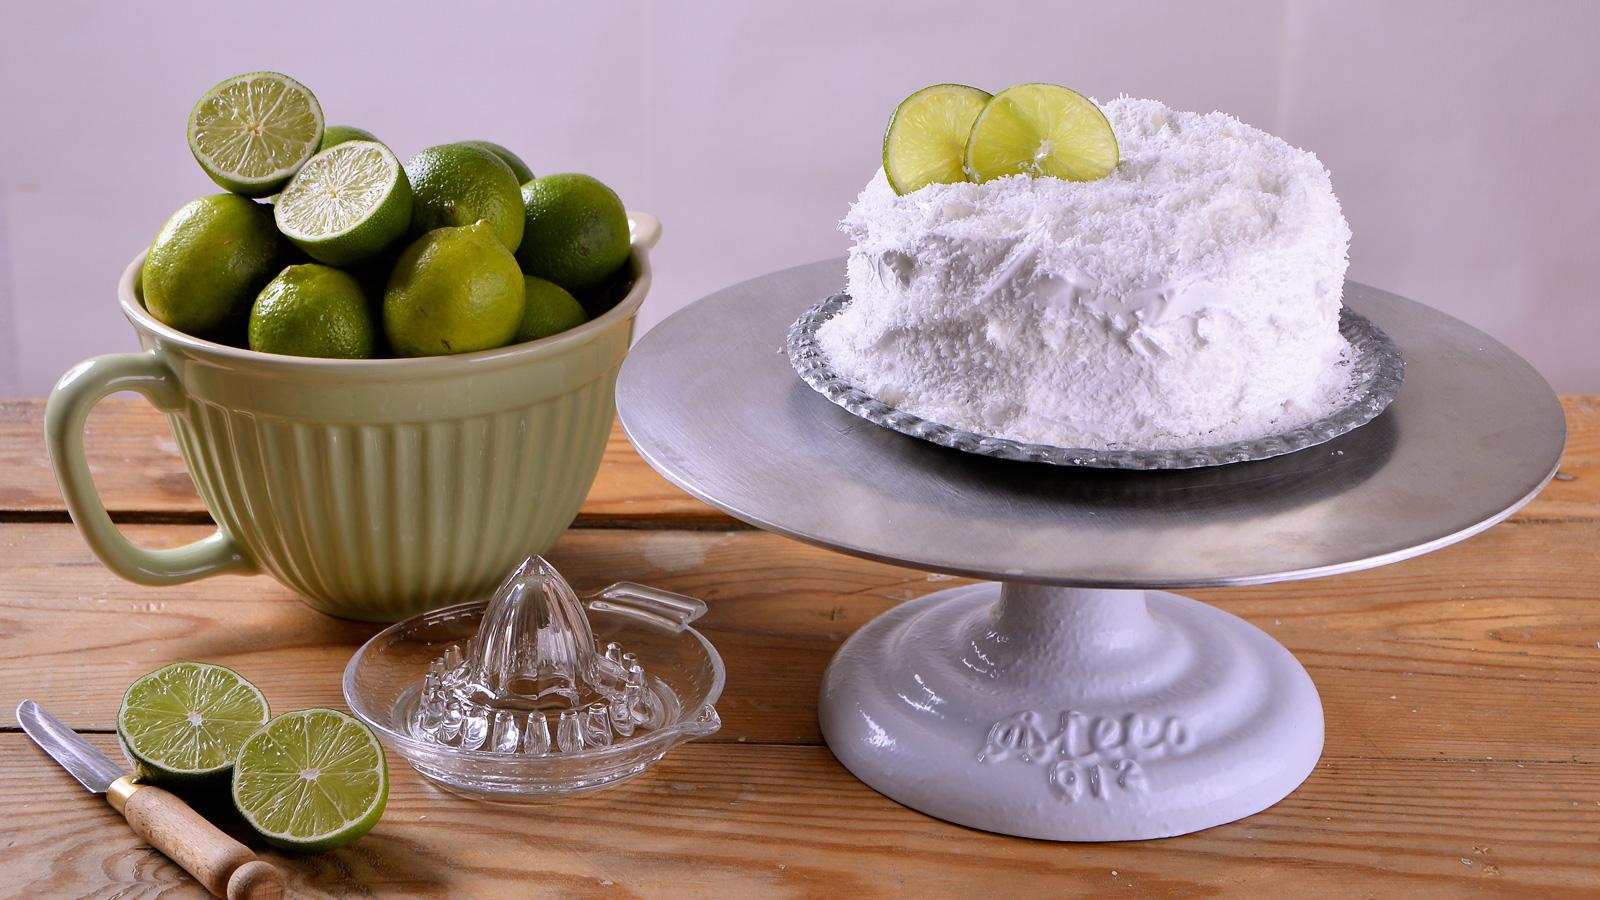 Tarta de coco y lima alma obreg n receta canal cocina for Canal cocina alma obregon